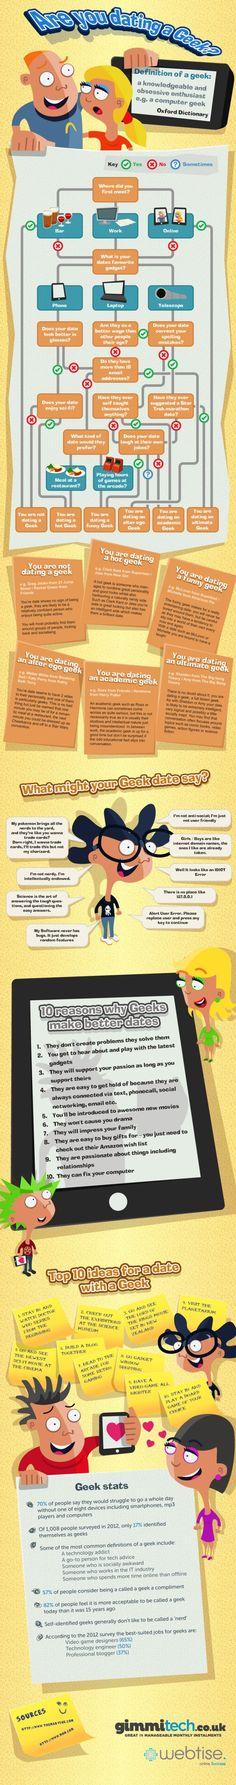 Todo lo que debes saber antes de tener una cita con un Geek :D